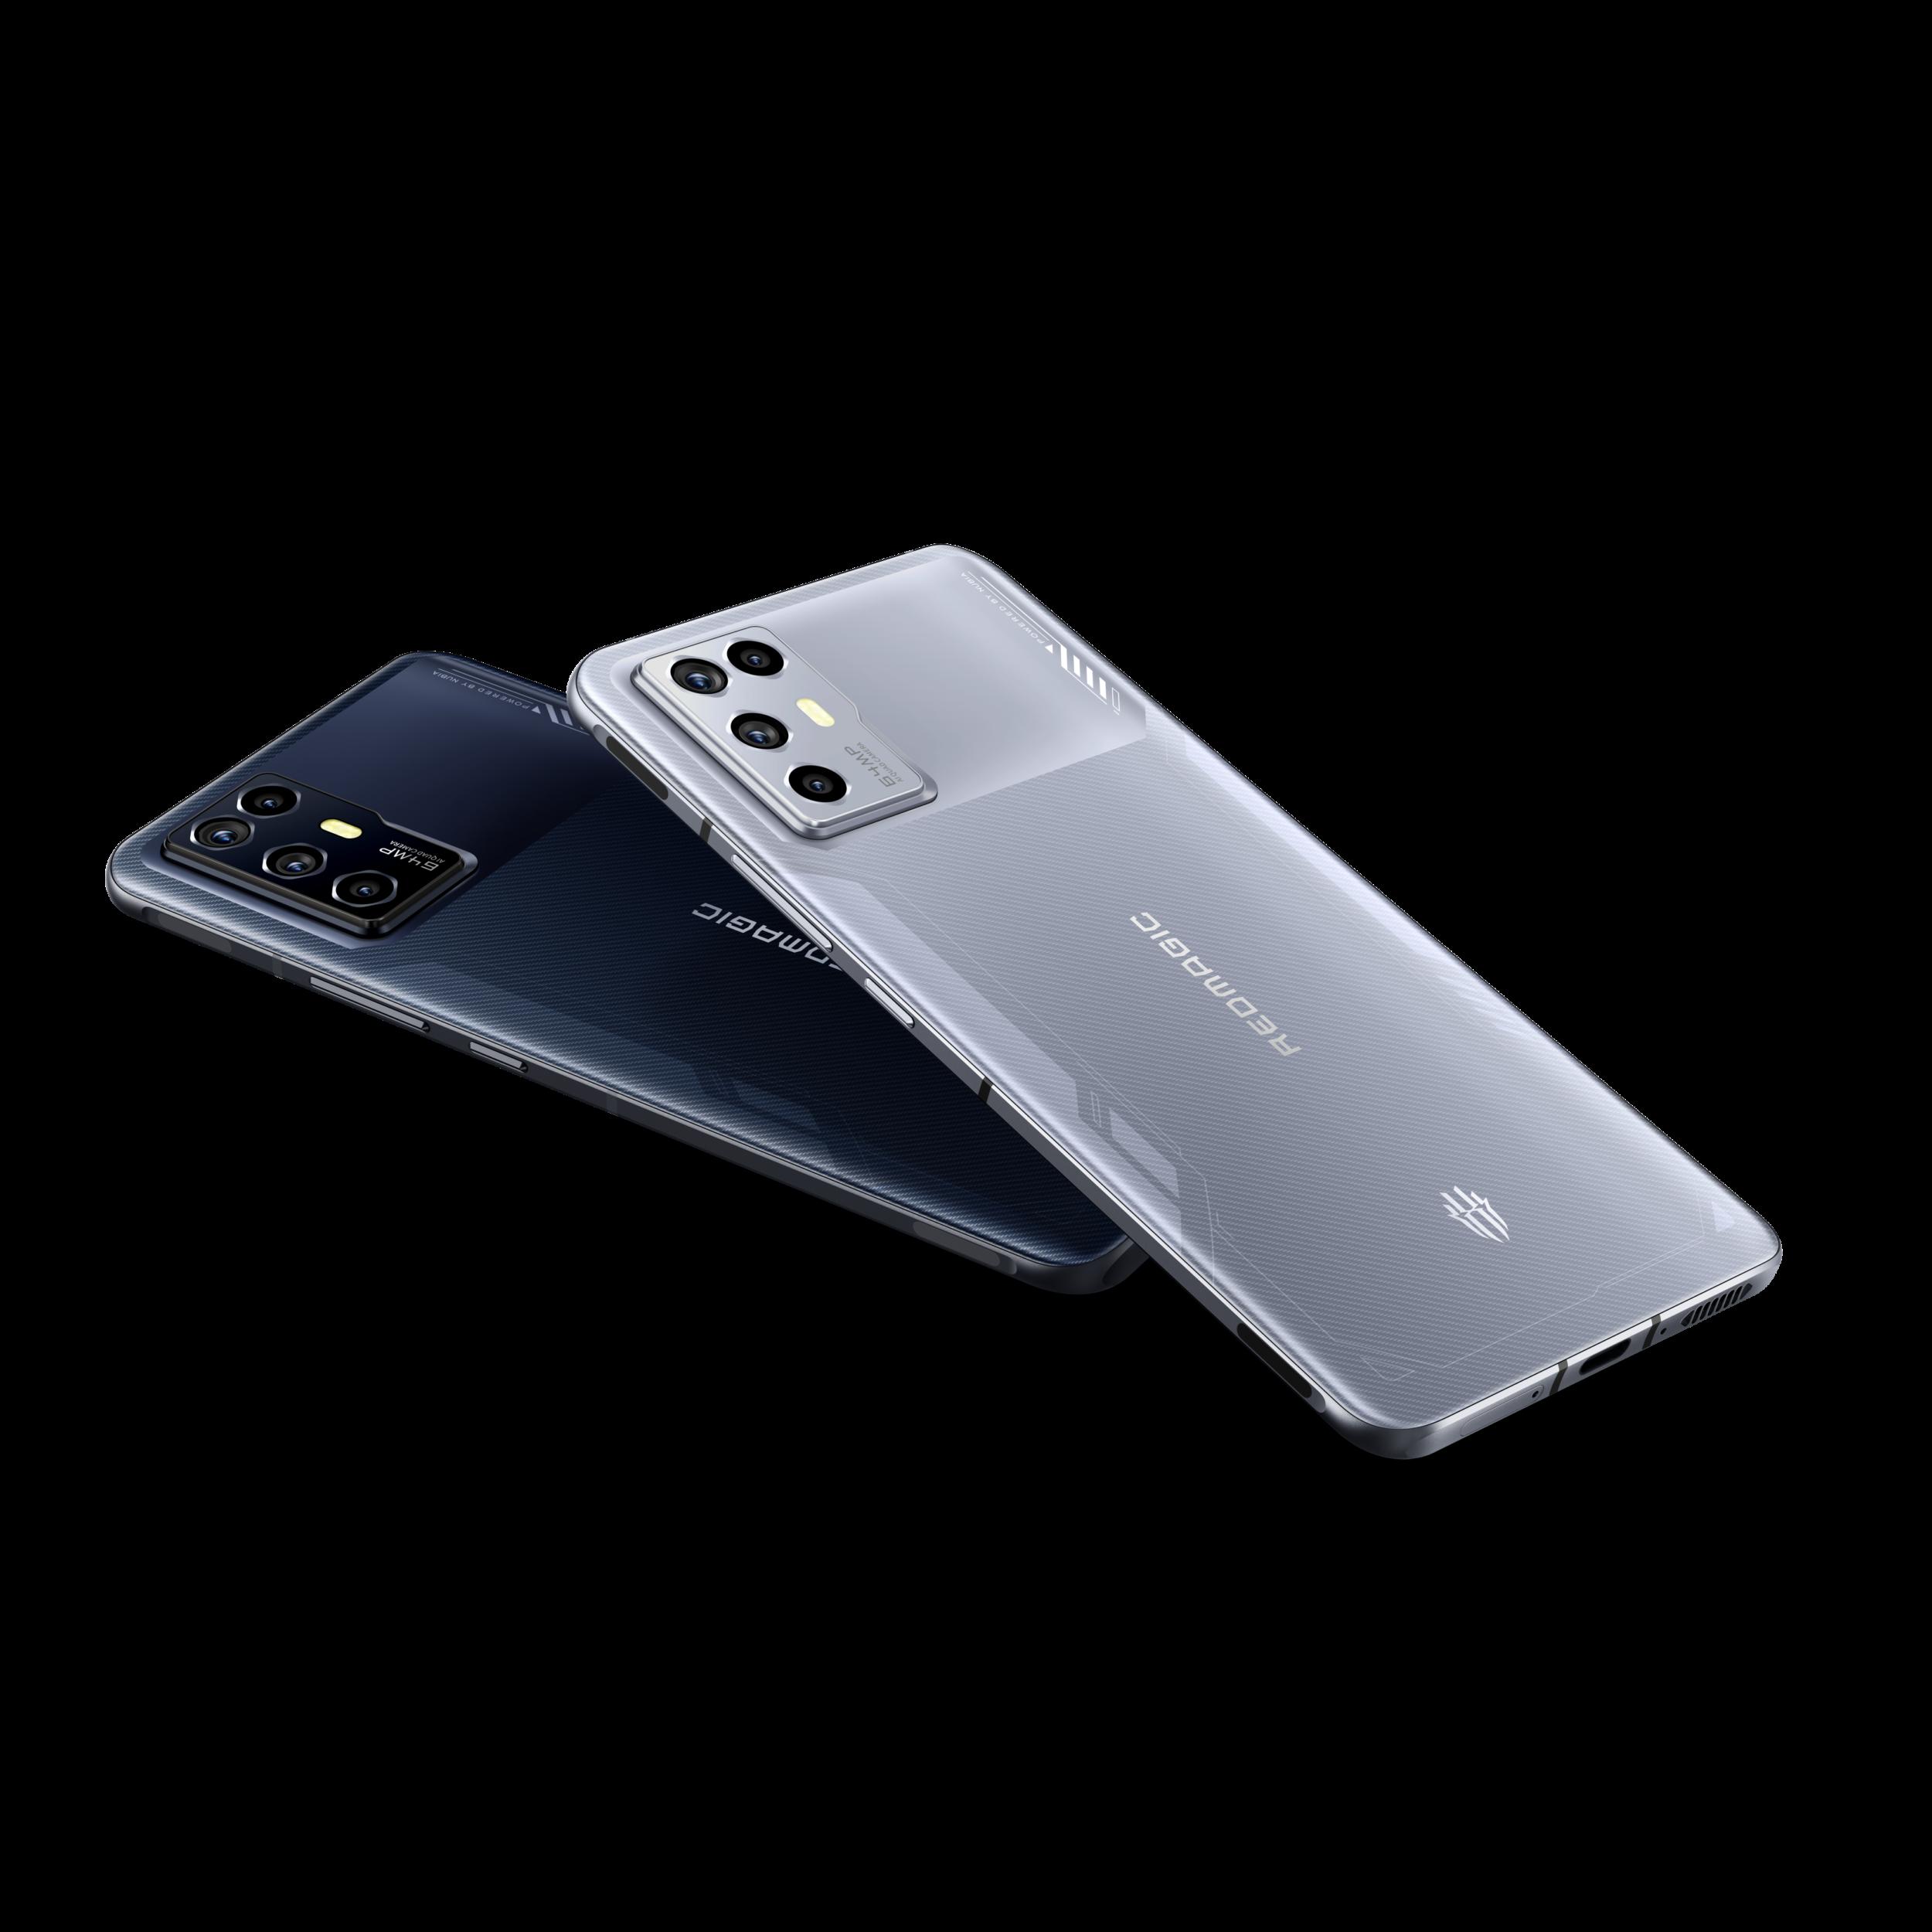 RedMagic annuncia il nuovo smartphone della serie 6: ecco il RedMagic 6R (foto)